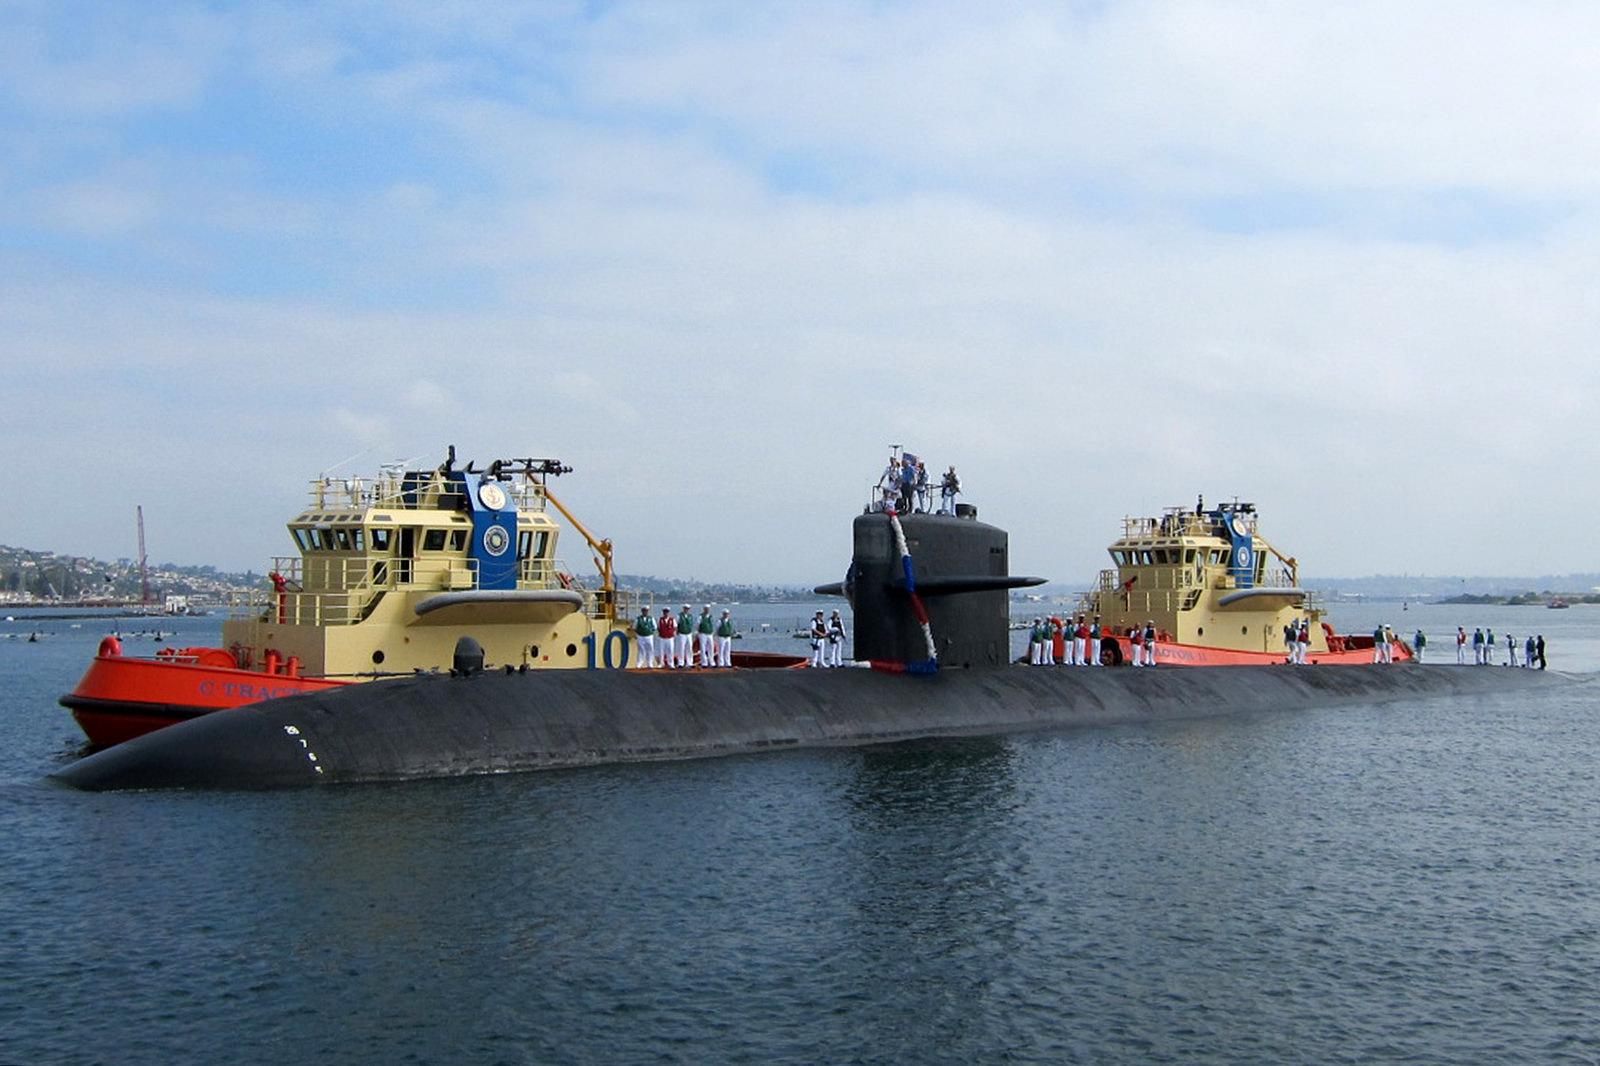 USS ALBUQUERQUE SSN-706 Einlaufen San Diego am 21.08.2015 Bild: U.S. Navy